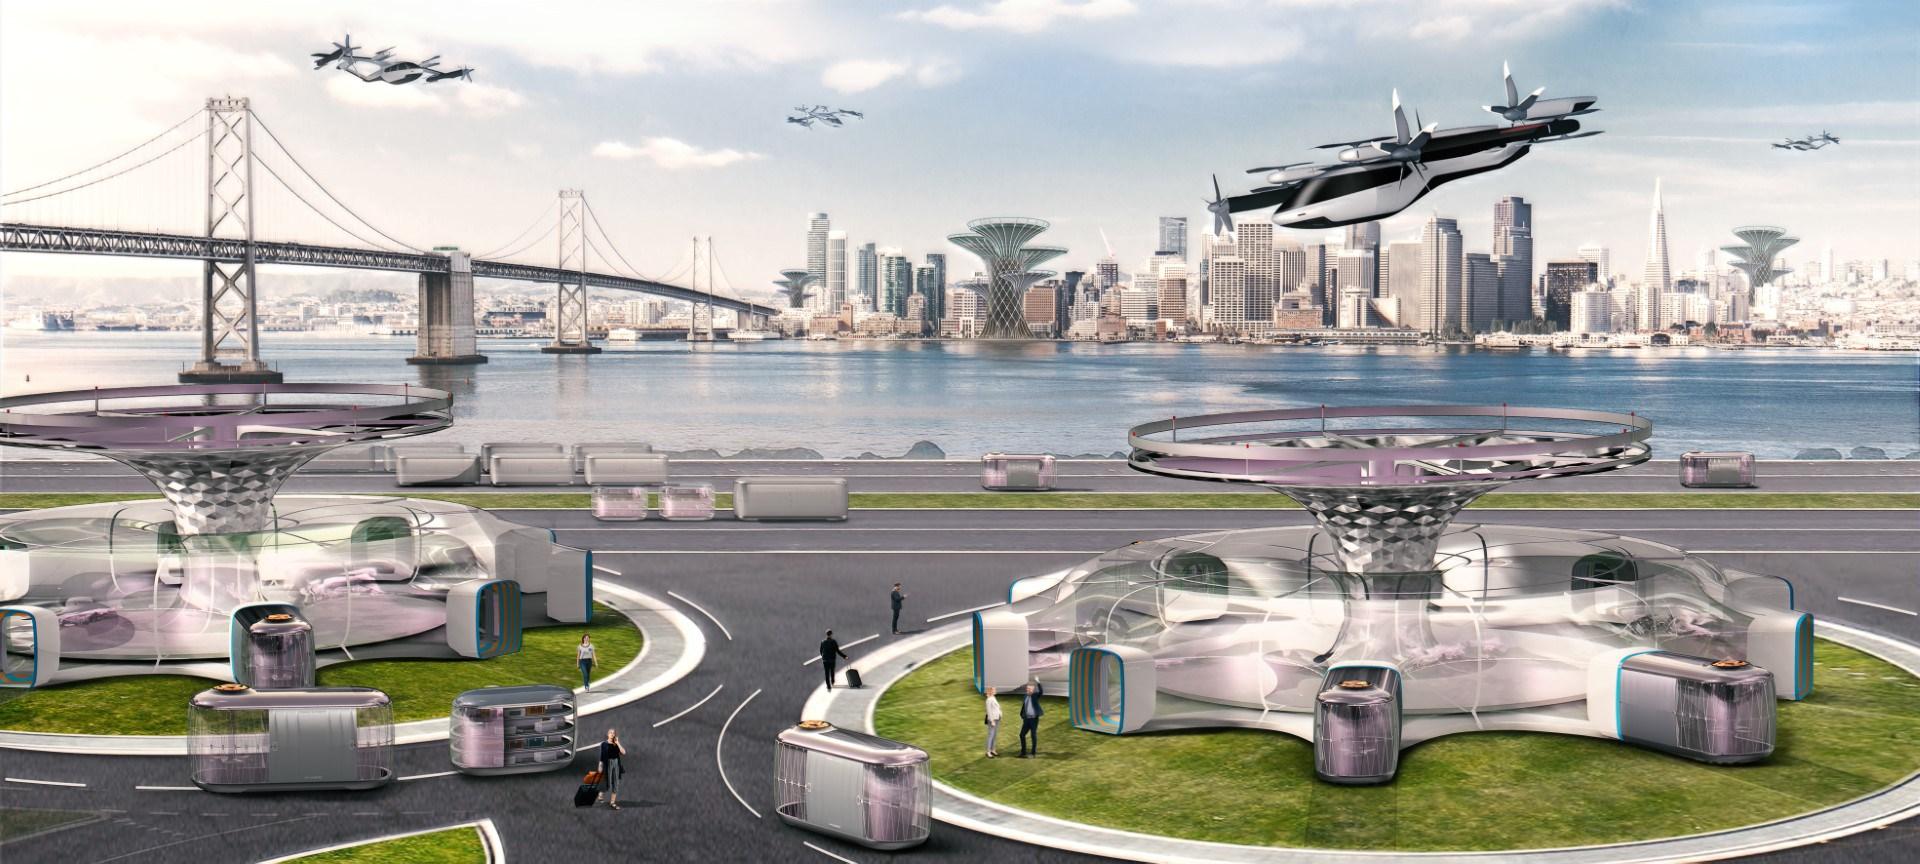 Mobilitätslösungen der Zukunft